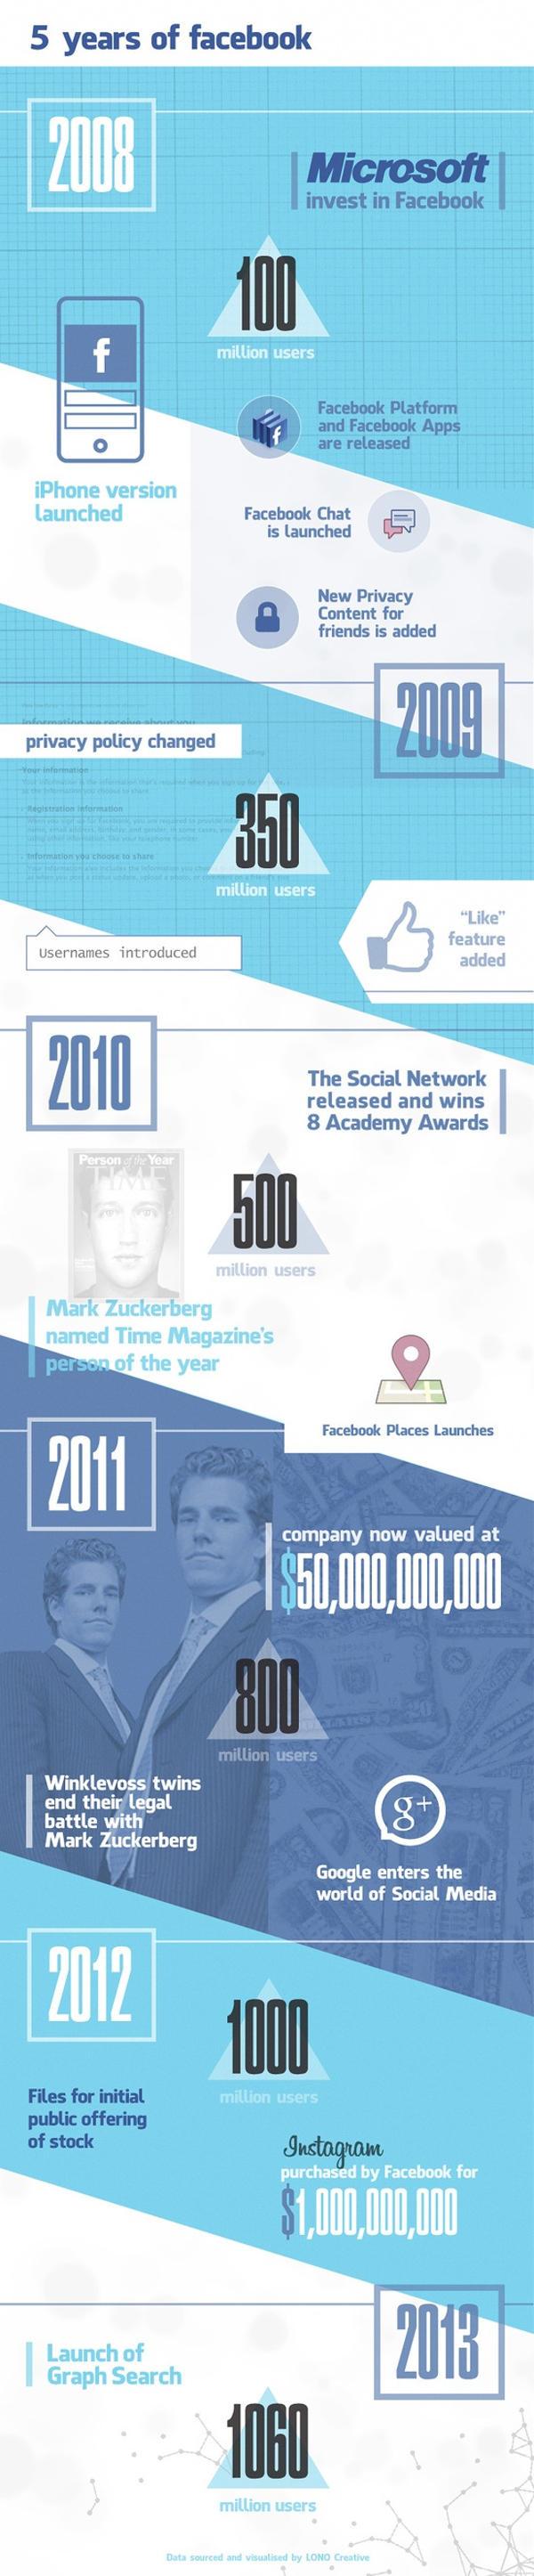 Facebook llega a los 1060 millones de usuarios [Infografía] - infografia-crecimiento-de-facebook